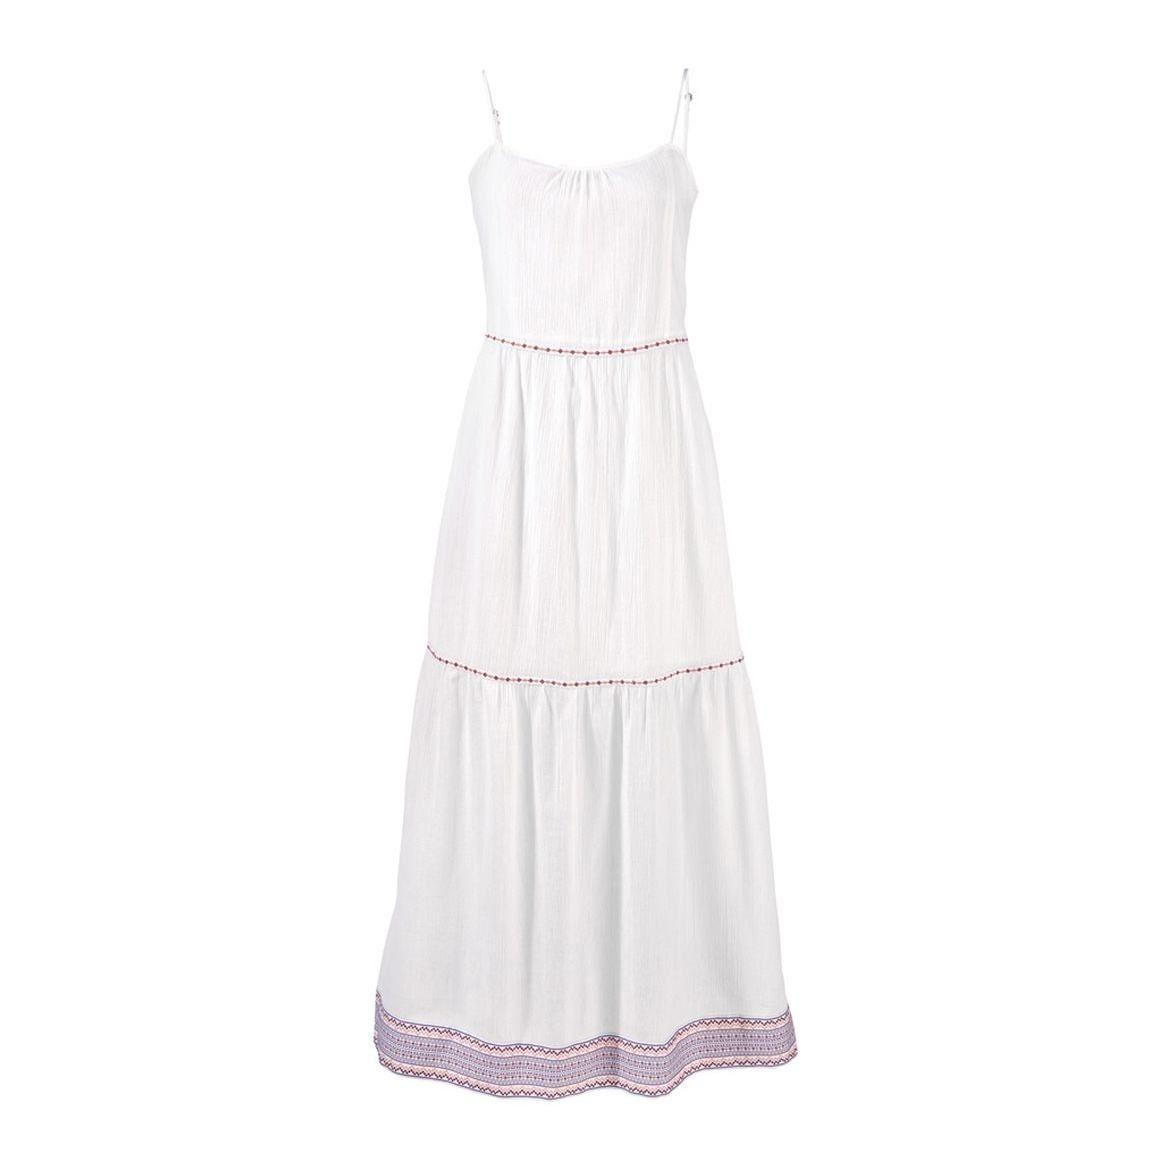 پیراهن ساحلی زنانه اسمارا مدل IAN-296725 -  - 2